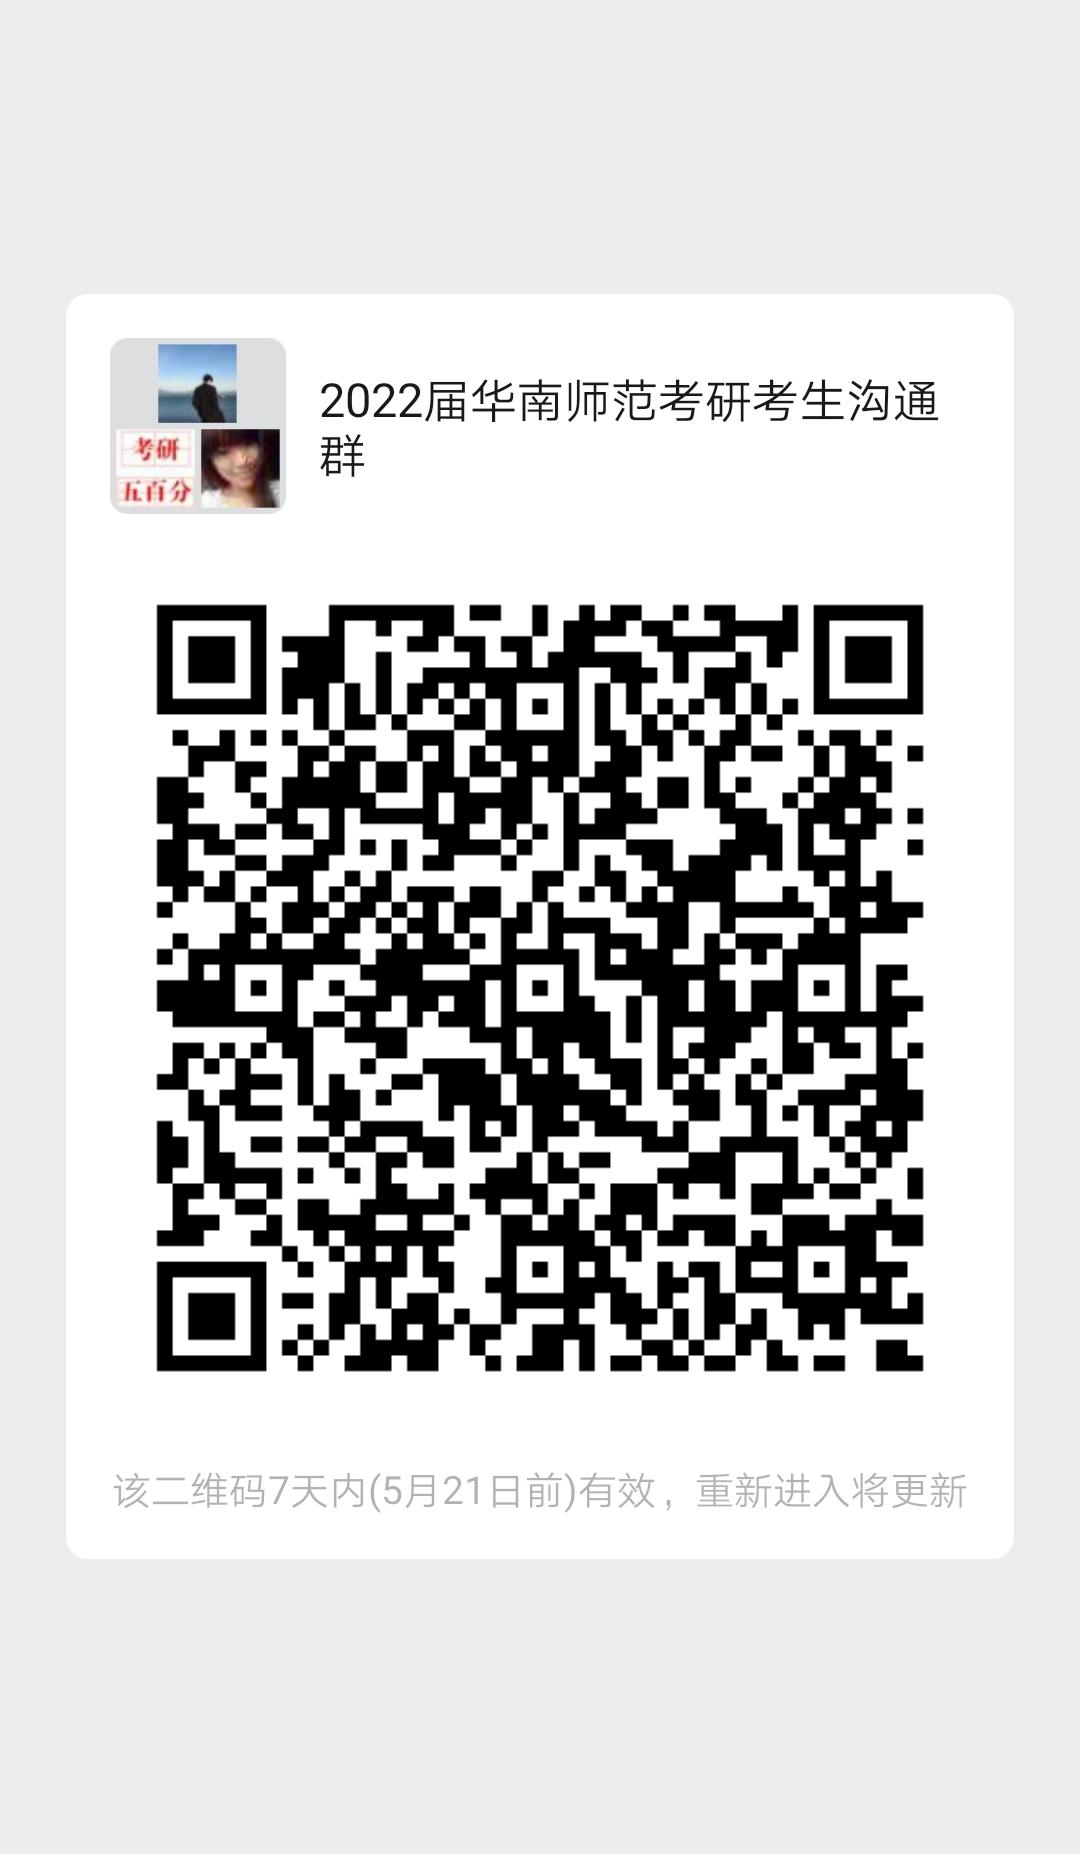 微信图片_20210514112324.png